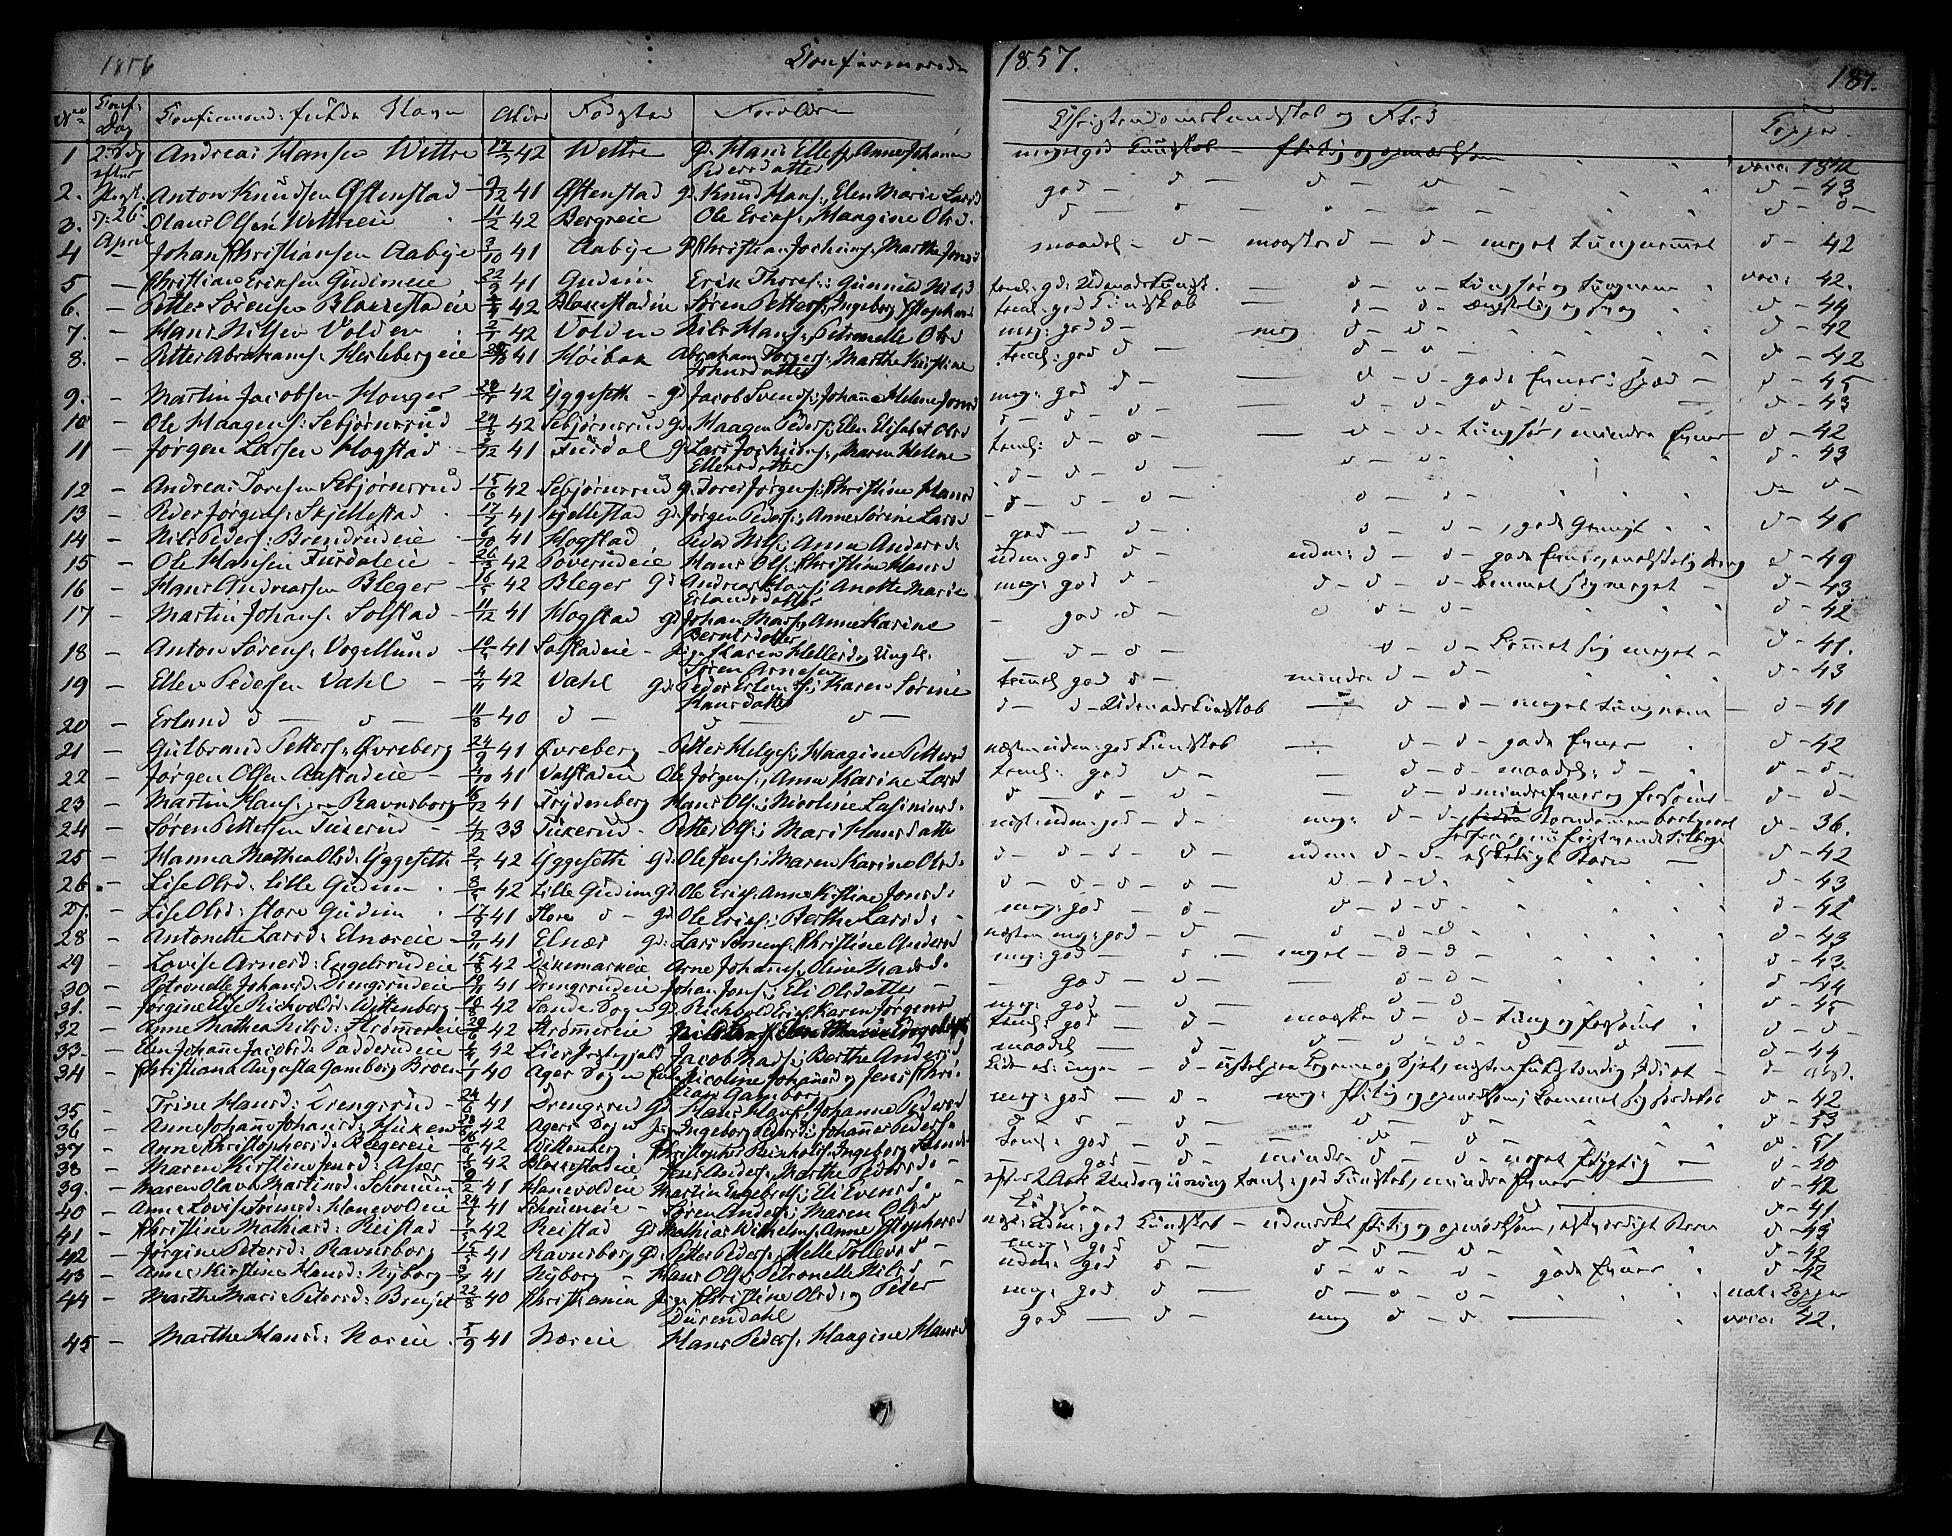 SAO, Asker prestekontor Kirkebøker, F/Fa/L0009: Ministerialbok nr. I 9, 1825-1878, s. 187